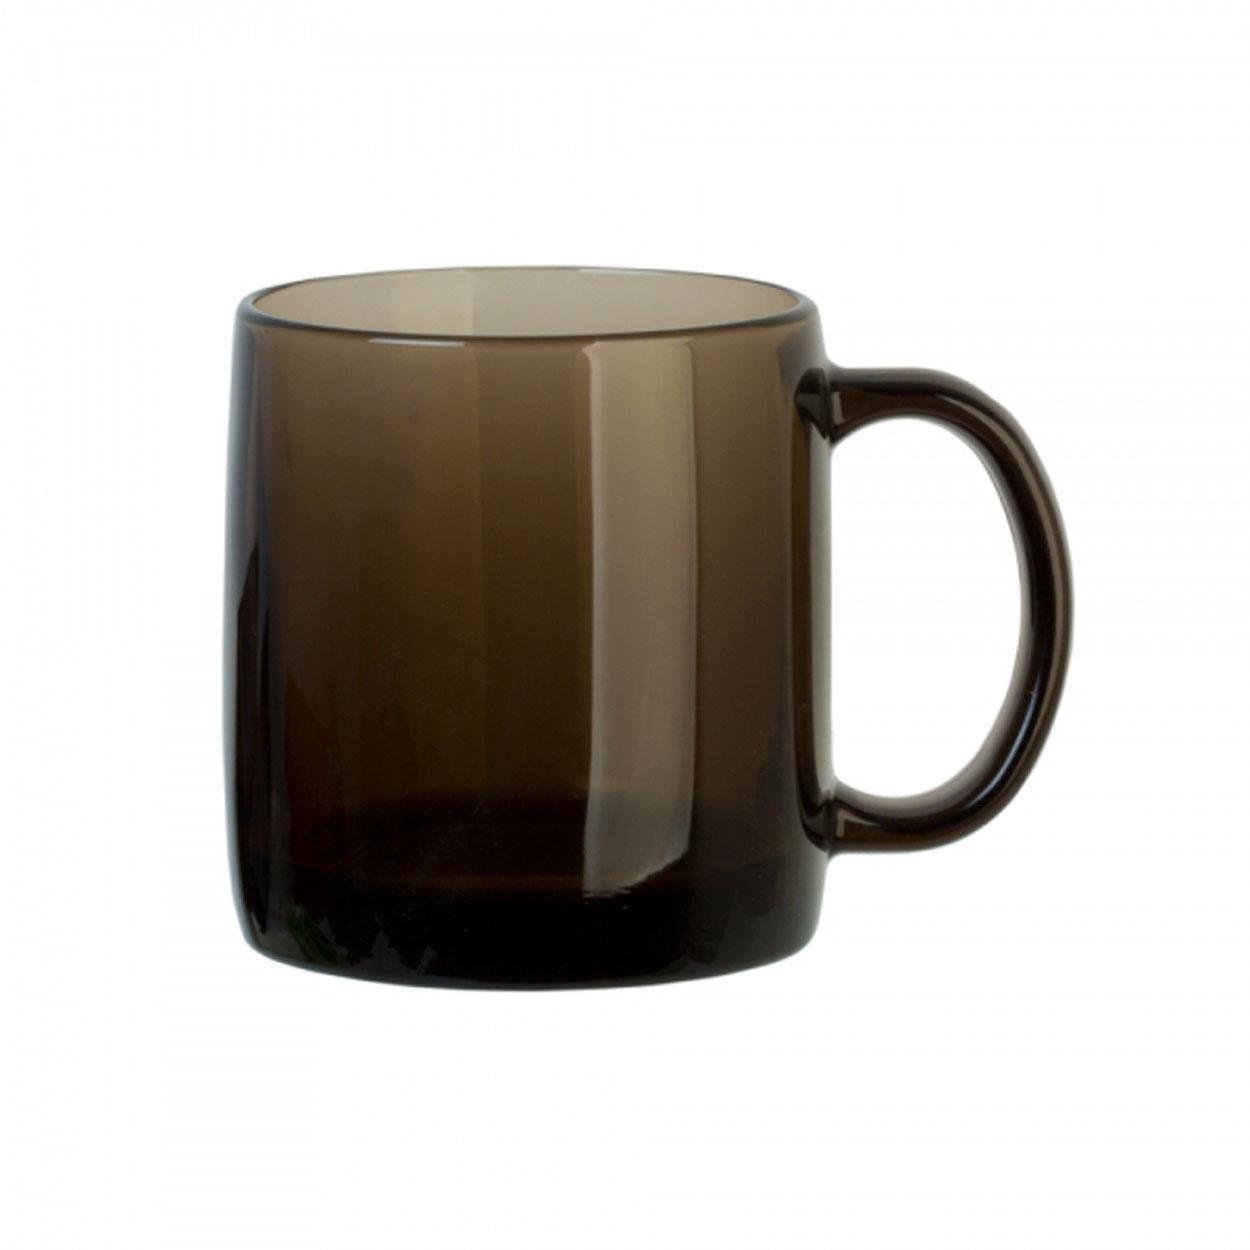 Кружка Luminarc Нордик, цвет: дымчатый, 380 млH9151Кружка Luminarc Нордик изготовлена изупрочненного стекла. Такая кружка прекрасноподойдет для горячих и холодных напитков. Онадополнит коллекцию вашей кухонной посуды ибудет служить долгие годы.Можно использовать в посудомоечной машине имикроволновой печи.Объем кружки: 380 мл.Диаметр кружки (по верхнему краю): 8 см.Высота стенки кружки: 9,5 см.